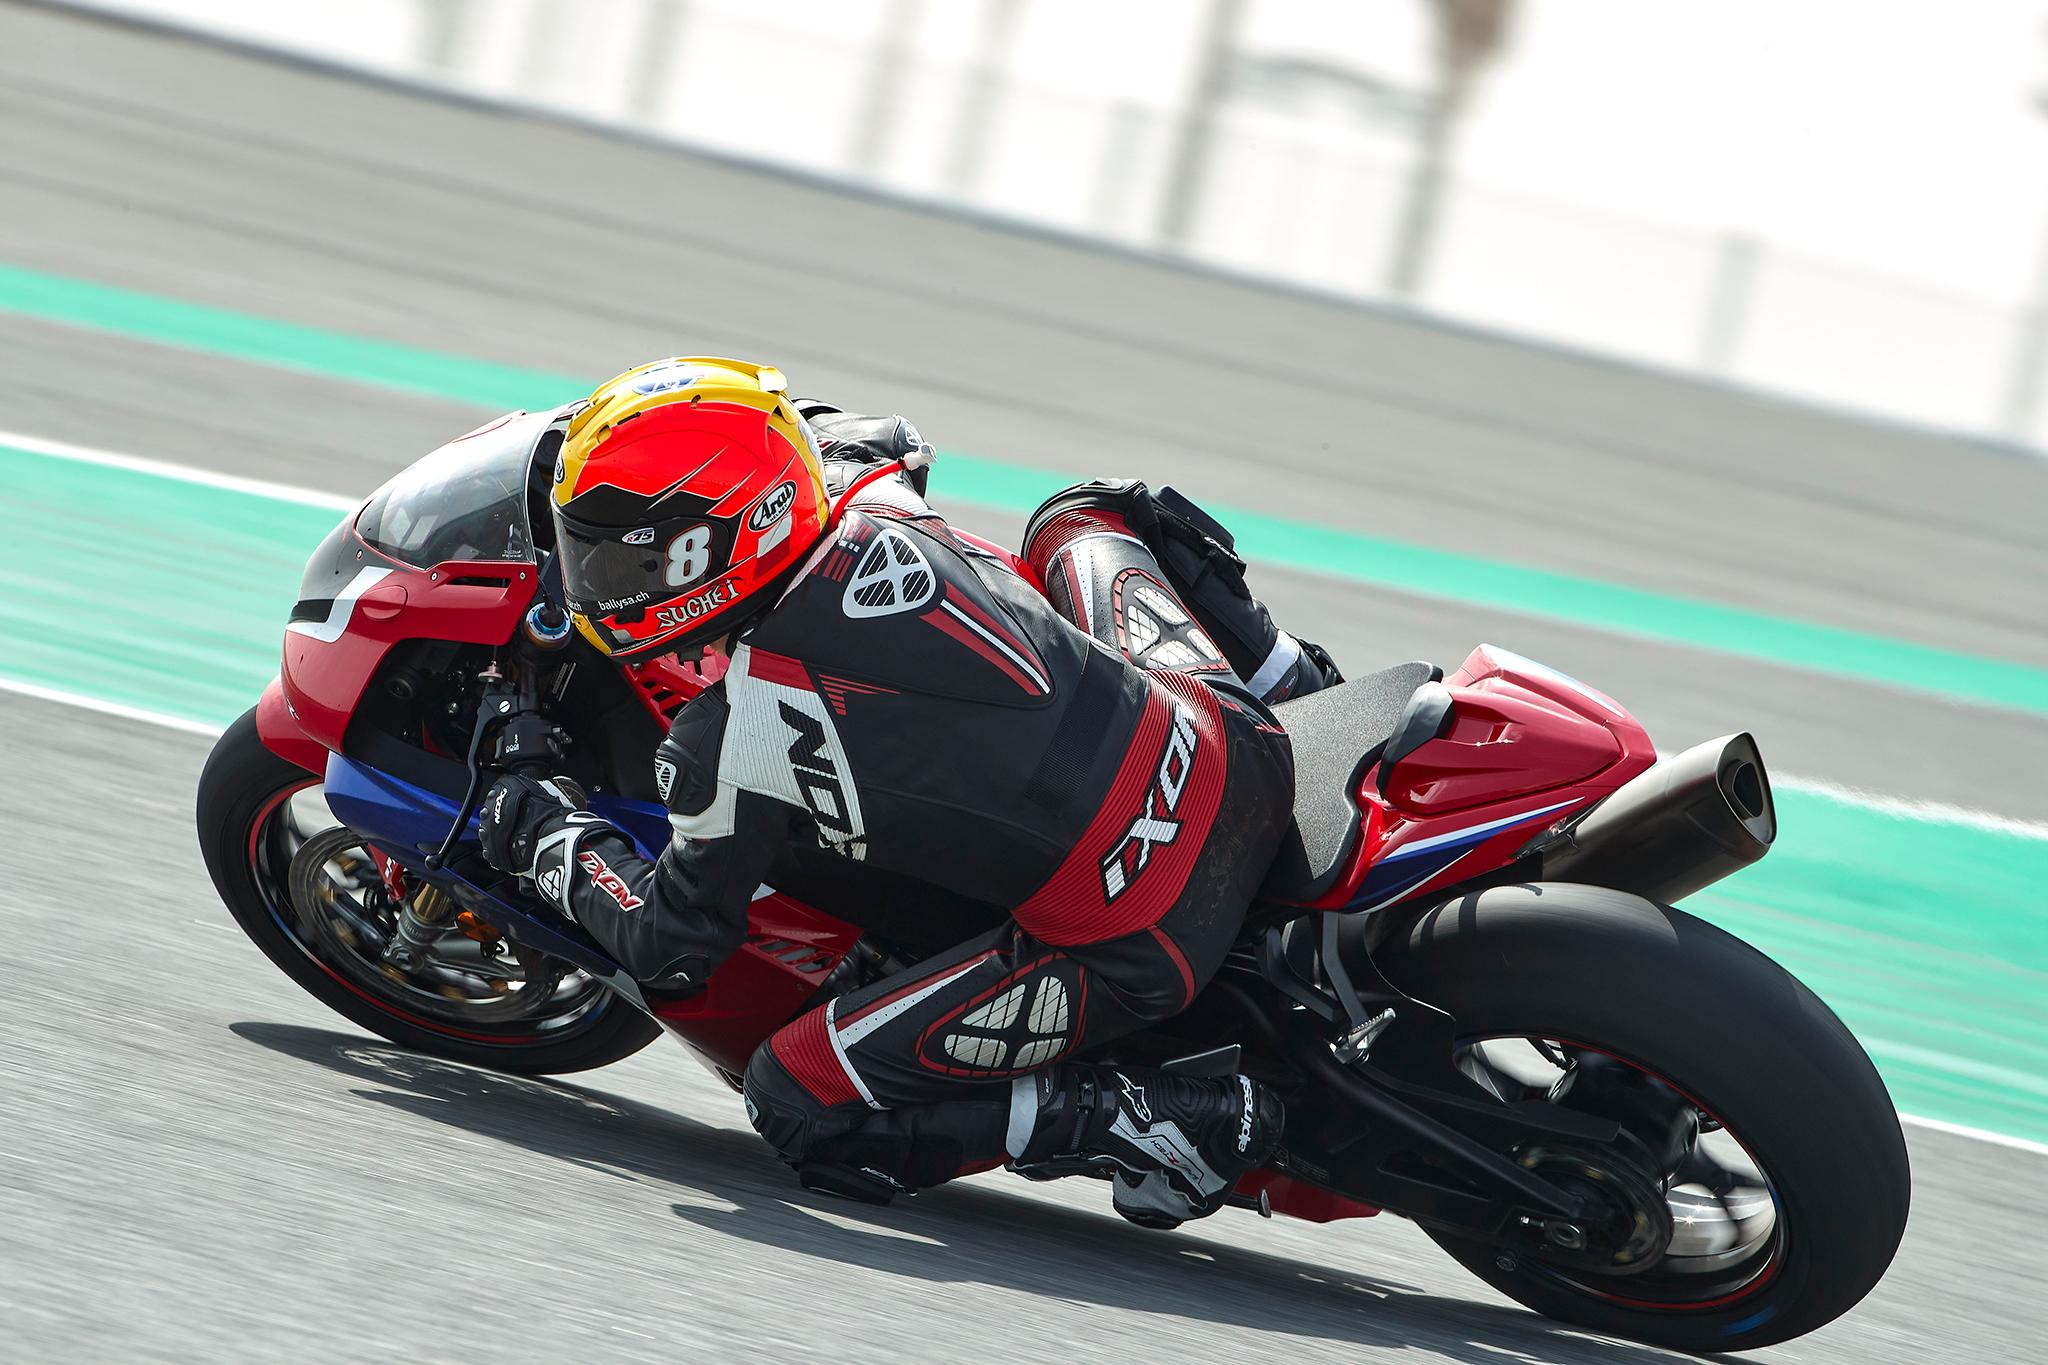 Honda_CBR_1000_RR-R_Firebladesmall_4160